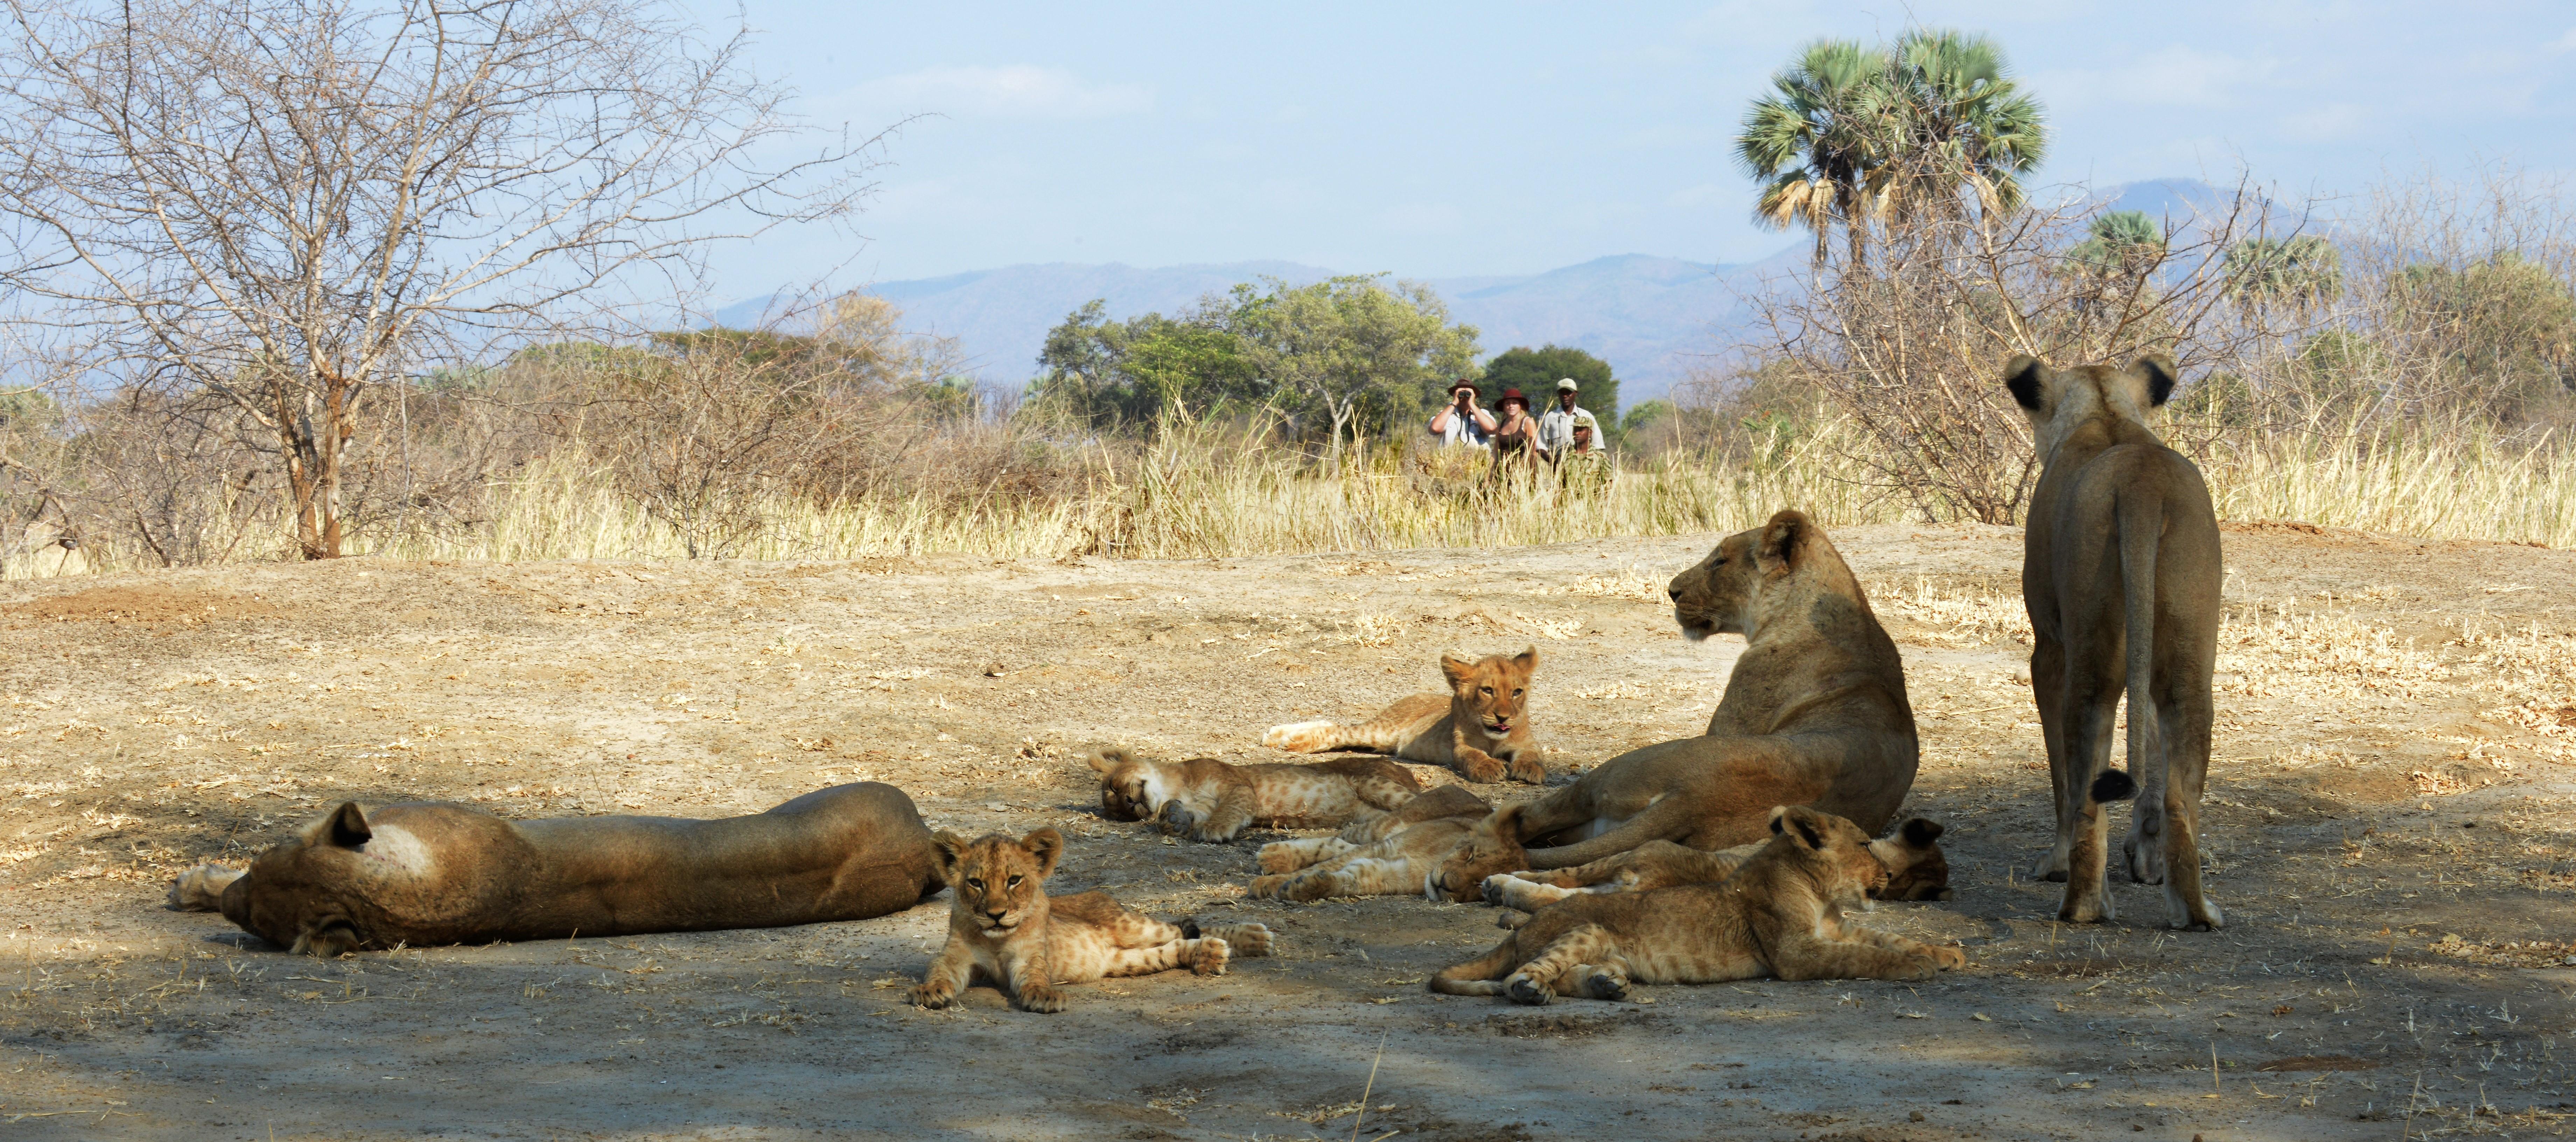 walking-safari-pride-of-lions